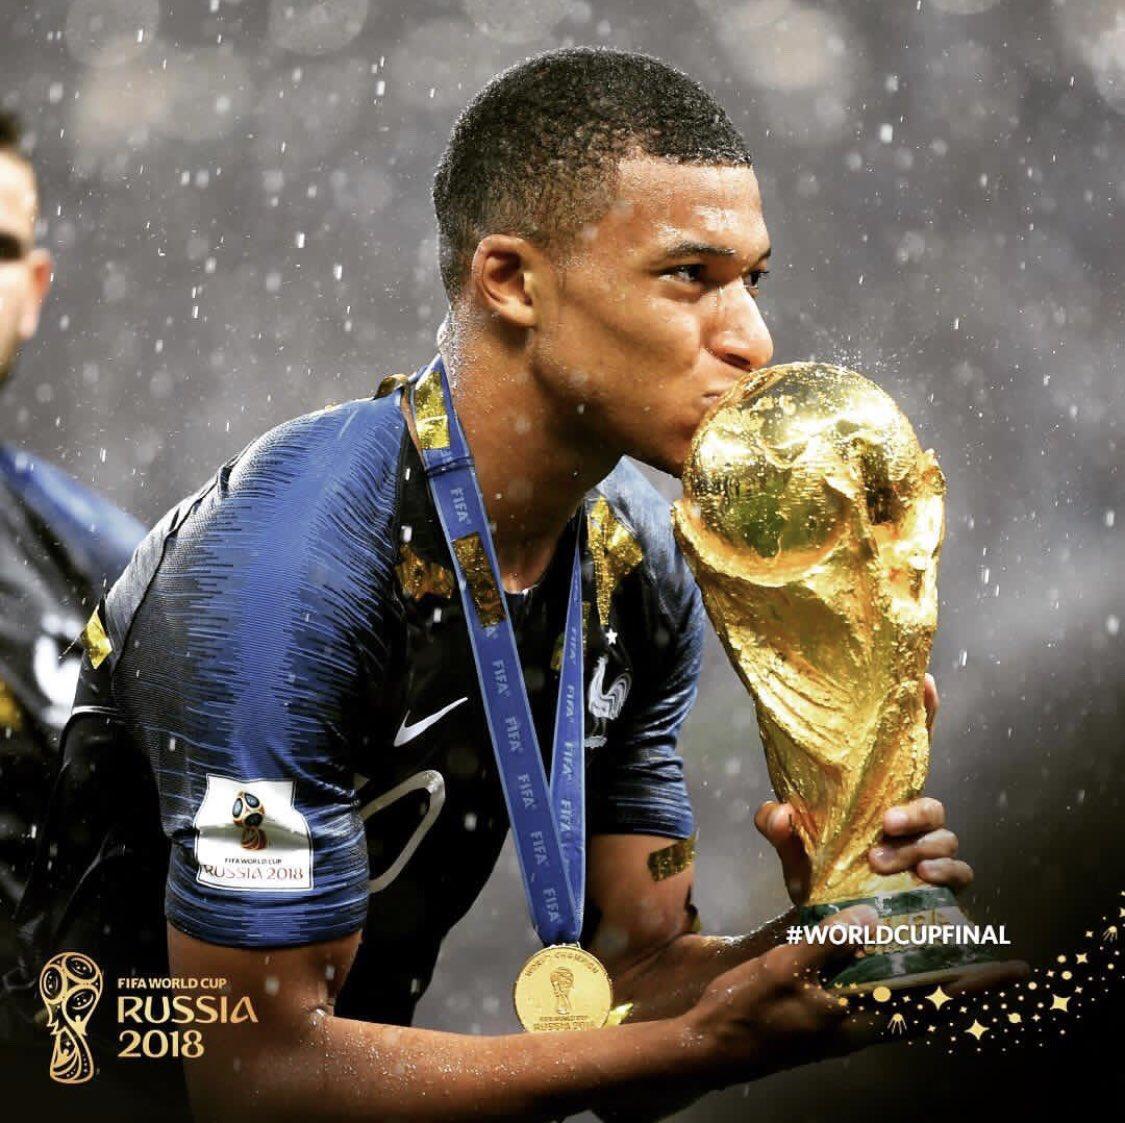 >@esportefera Confira as primeiras publicações dos jogadores da França após o título https://t.co/CK9kGQTkQb